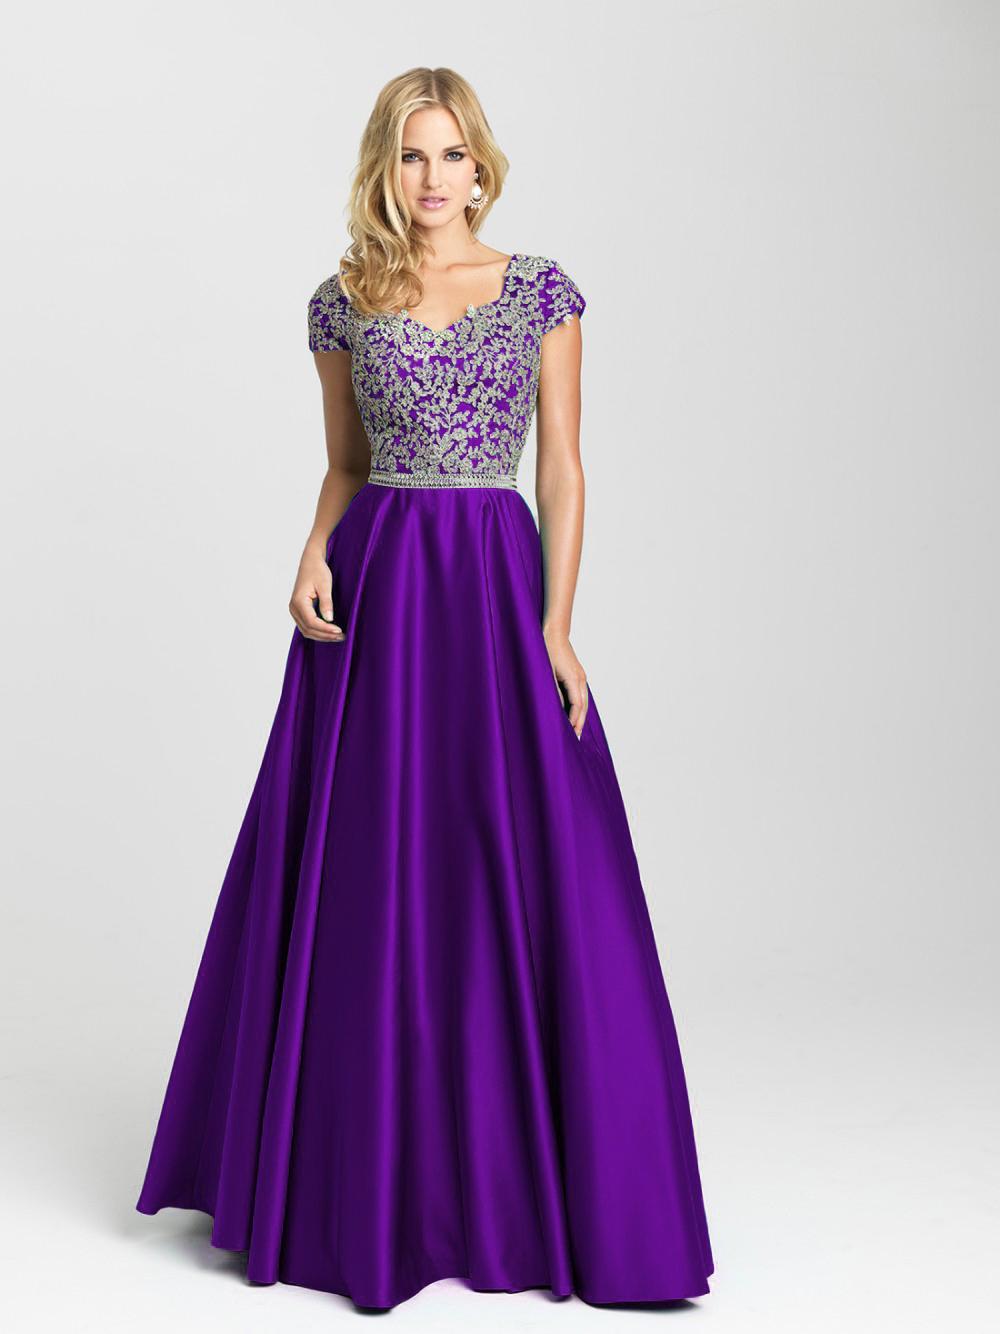 Vestido Longo Royal Blue Lace Appliqued Long Evening Dress 2018 ...